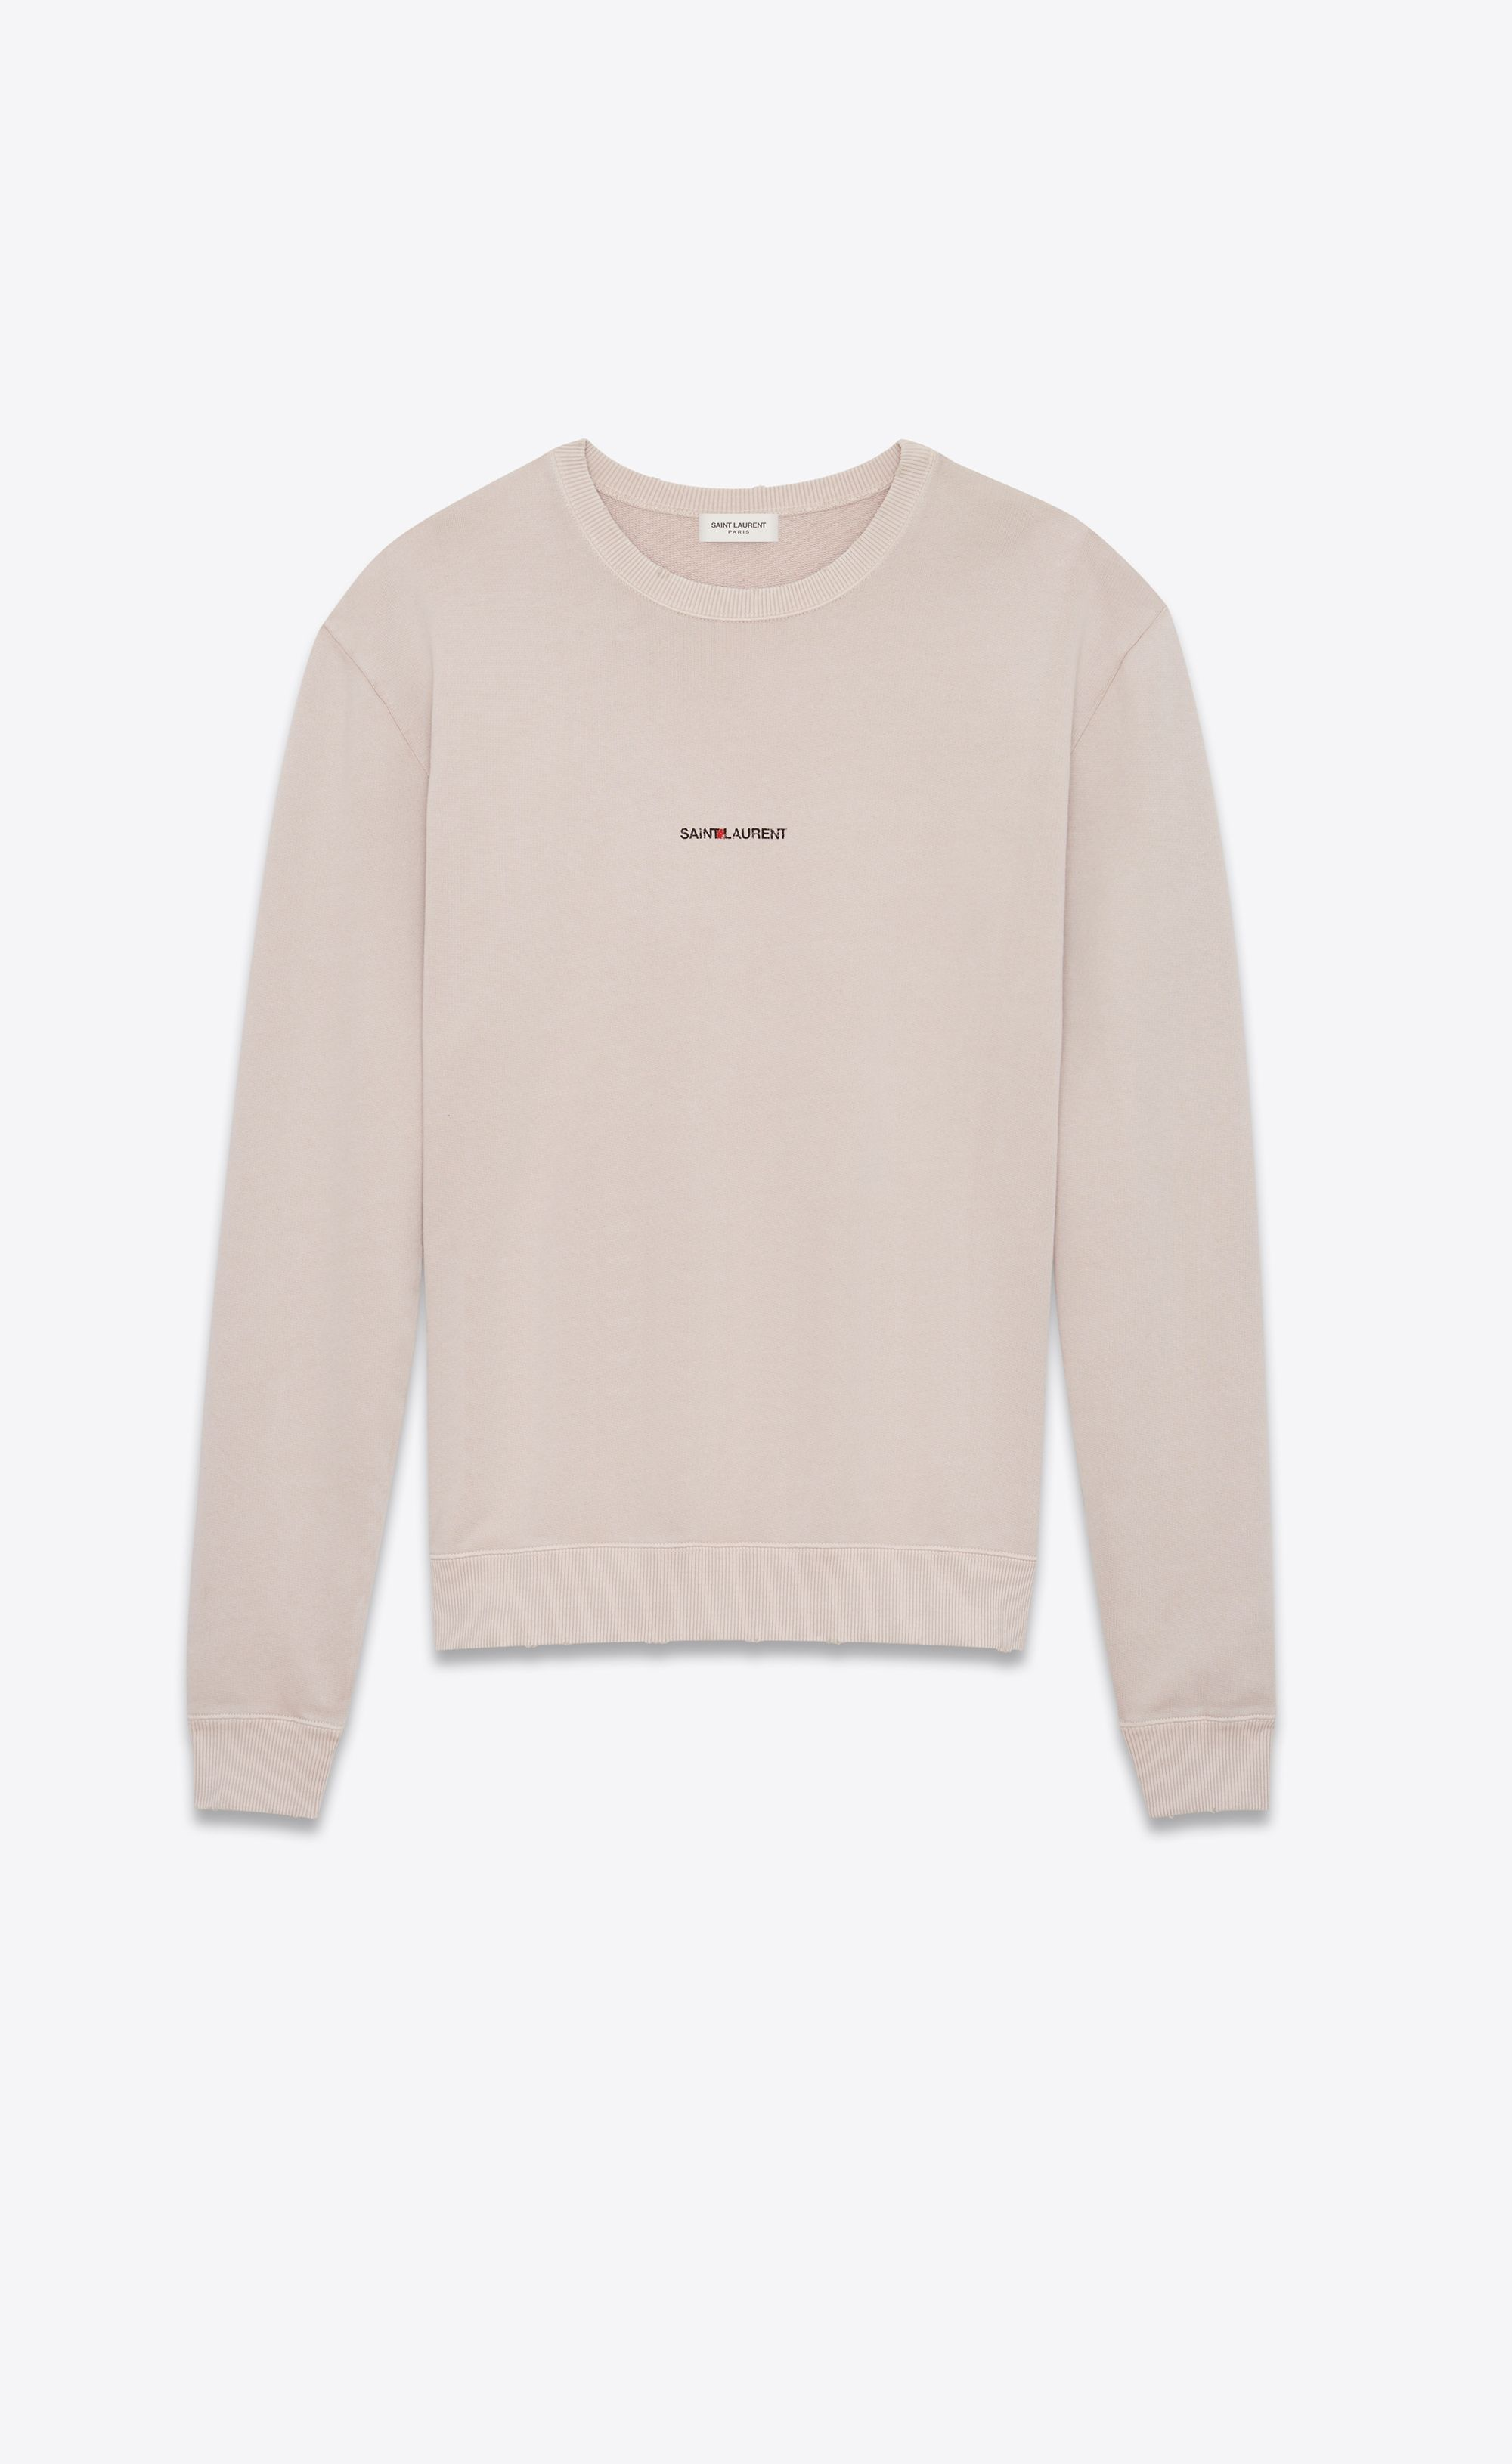 78d129d6da Saint Laurent Sweatshirt With SAINT LAURENT Square In Light Pink Worn Look  Cotton Fleece